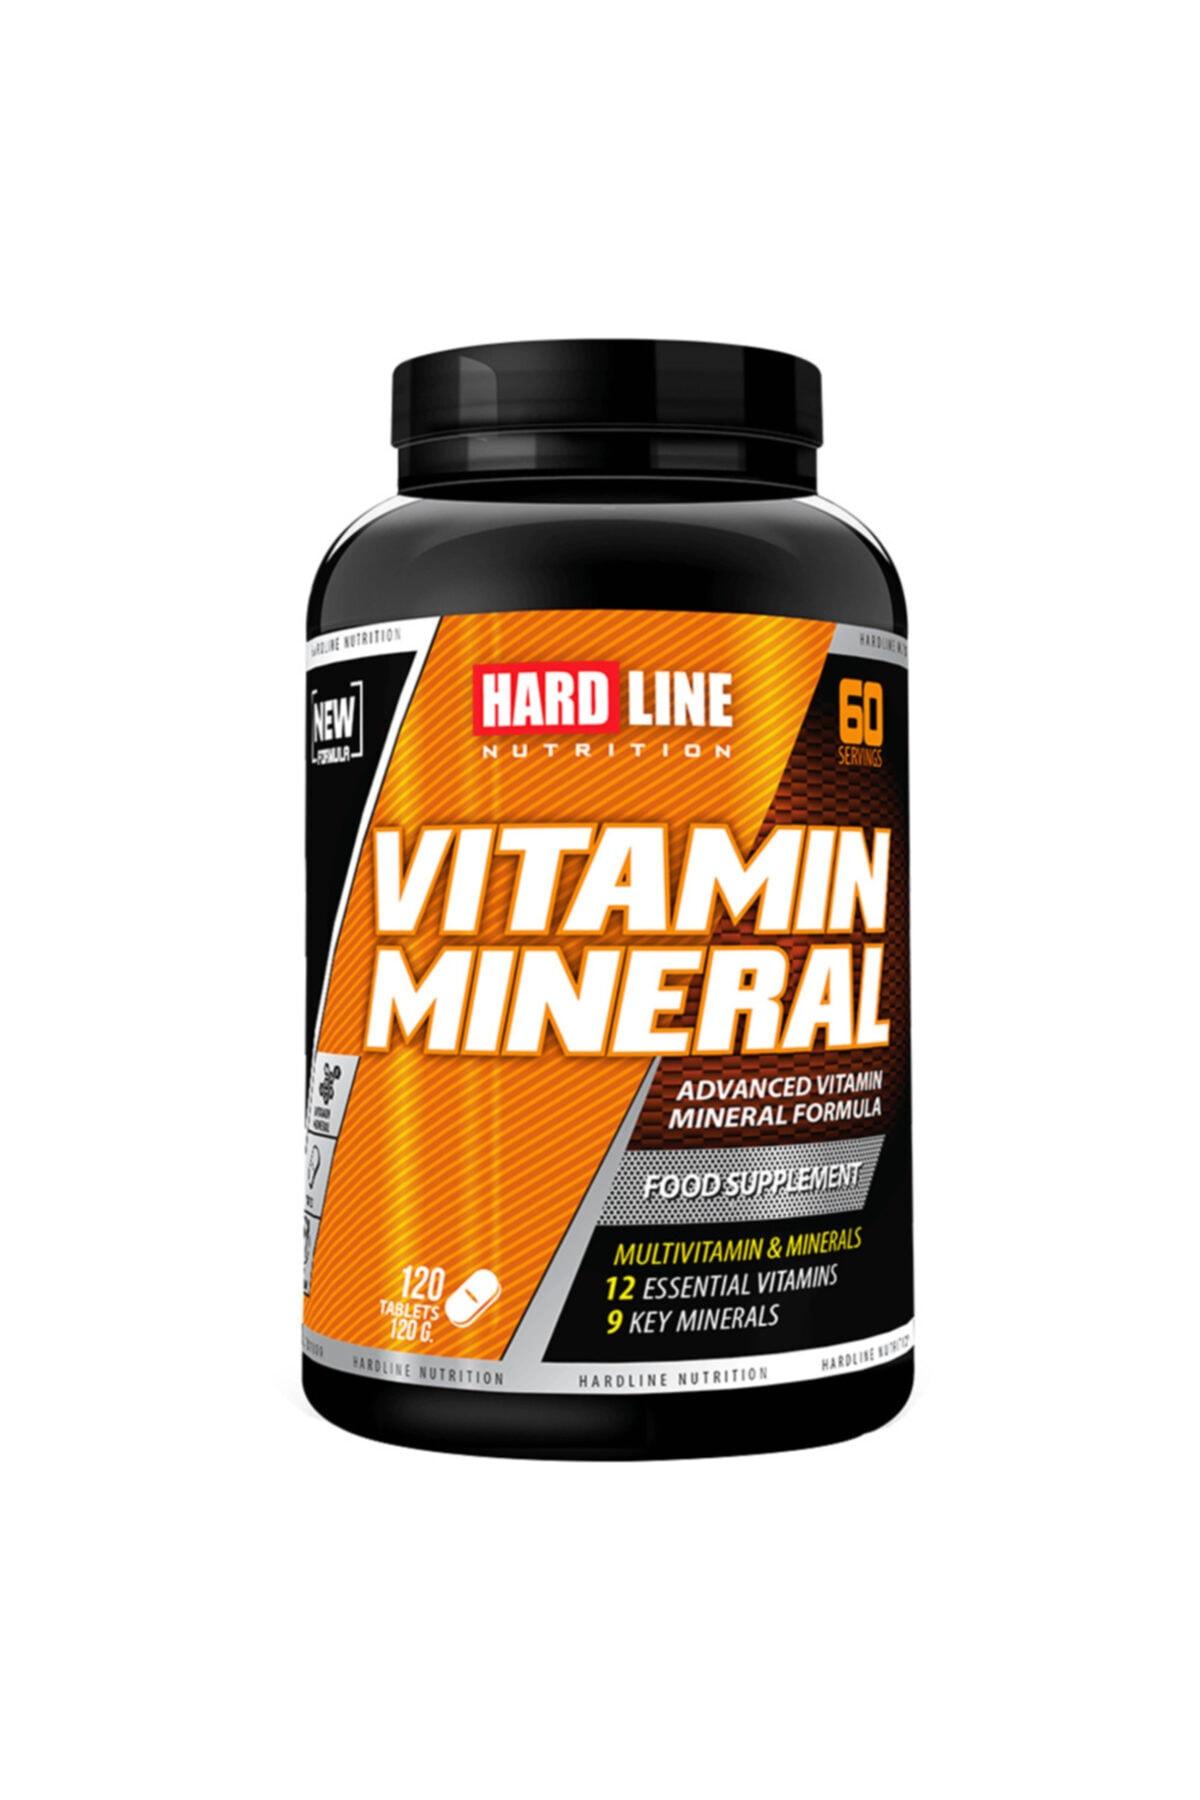 Hardline Vitamin Mineral 120 Tablet Multivitamin 1